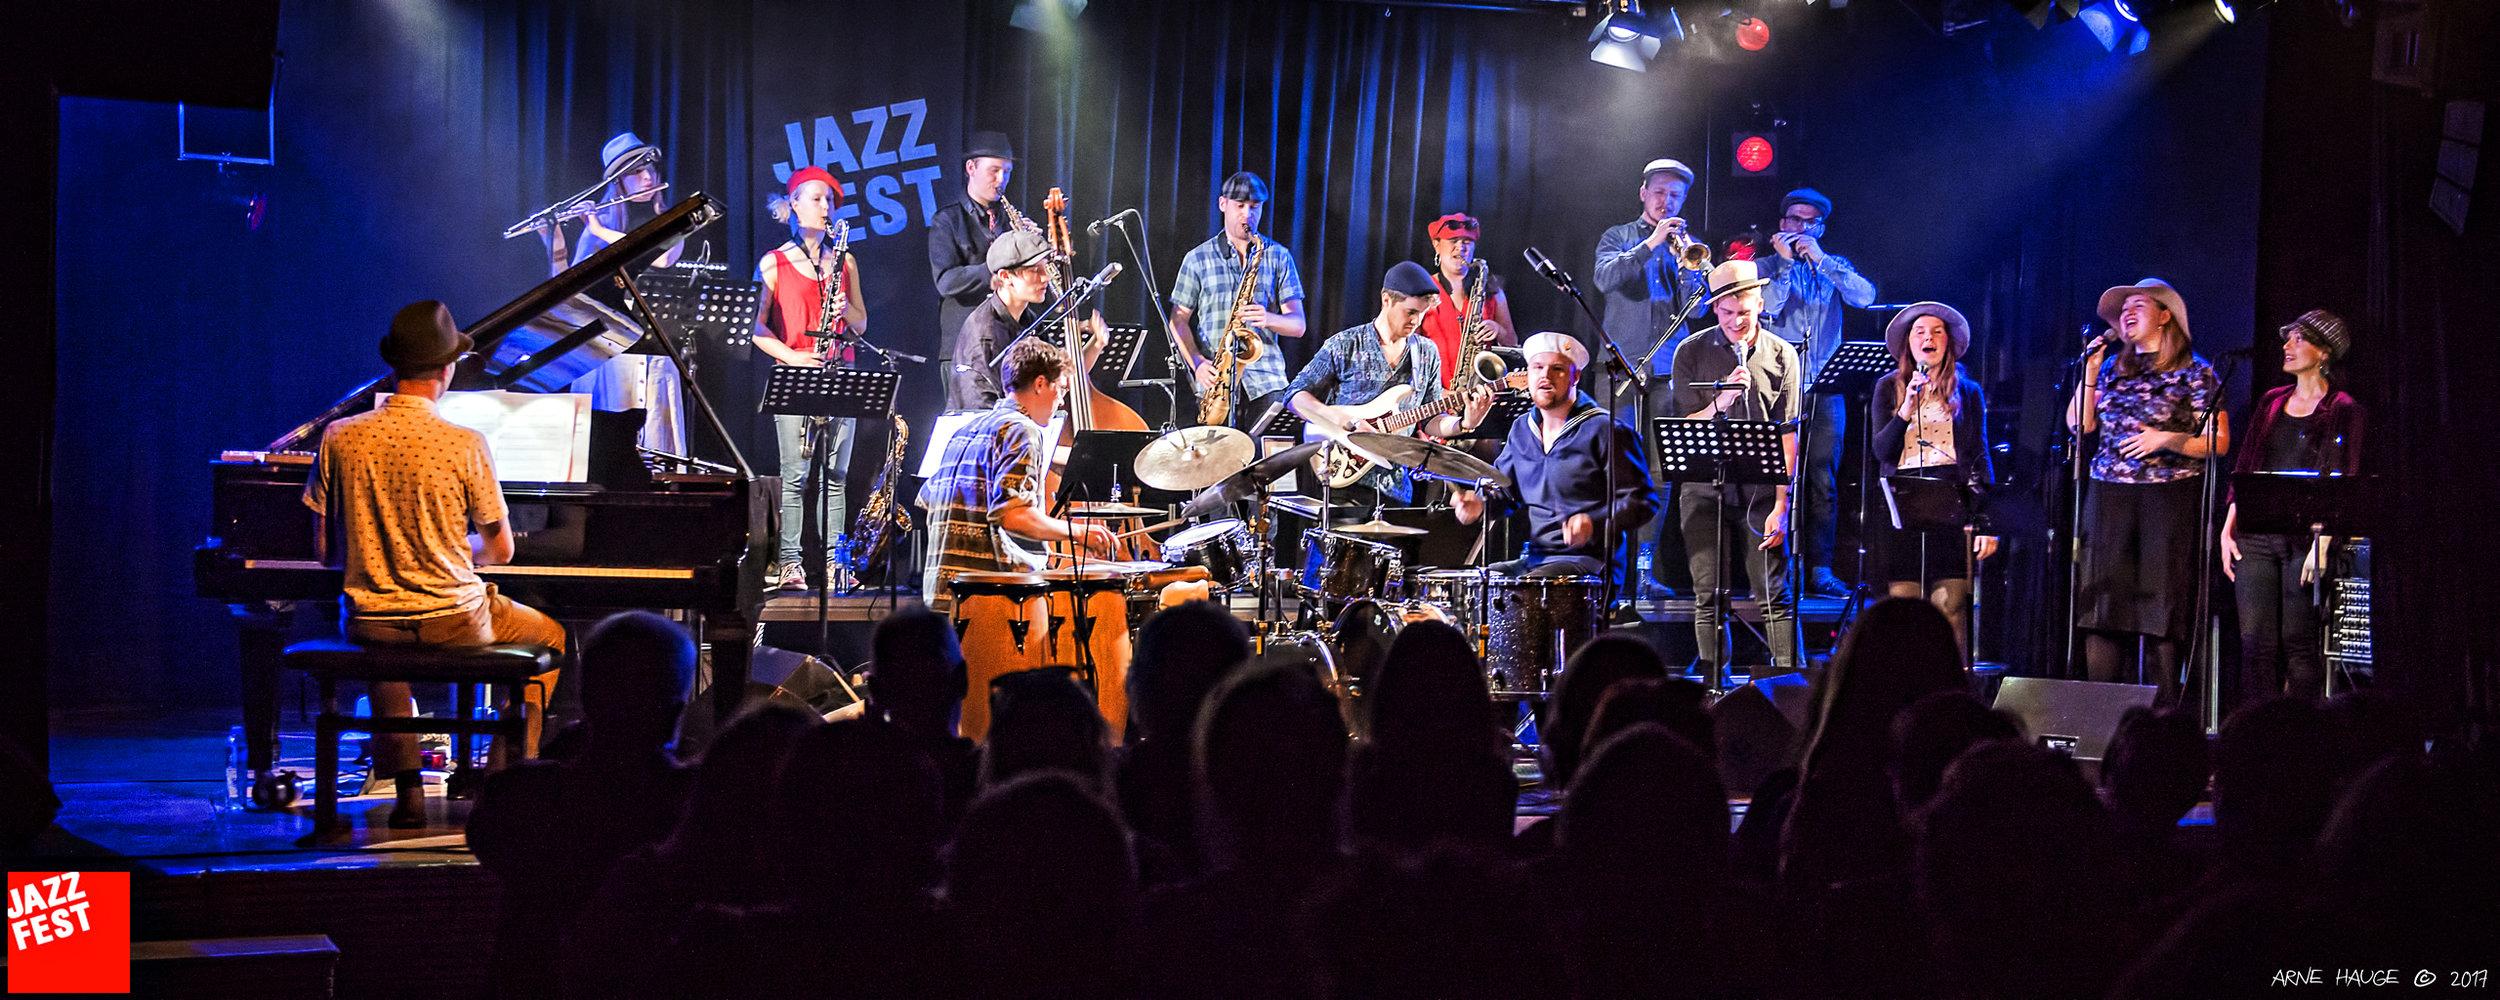 NTNU Jazz + Skjerve & Formo vs Tre Smaa Kinesere_20.jpg